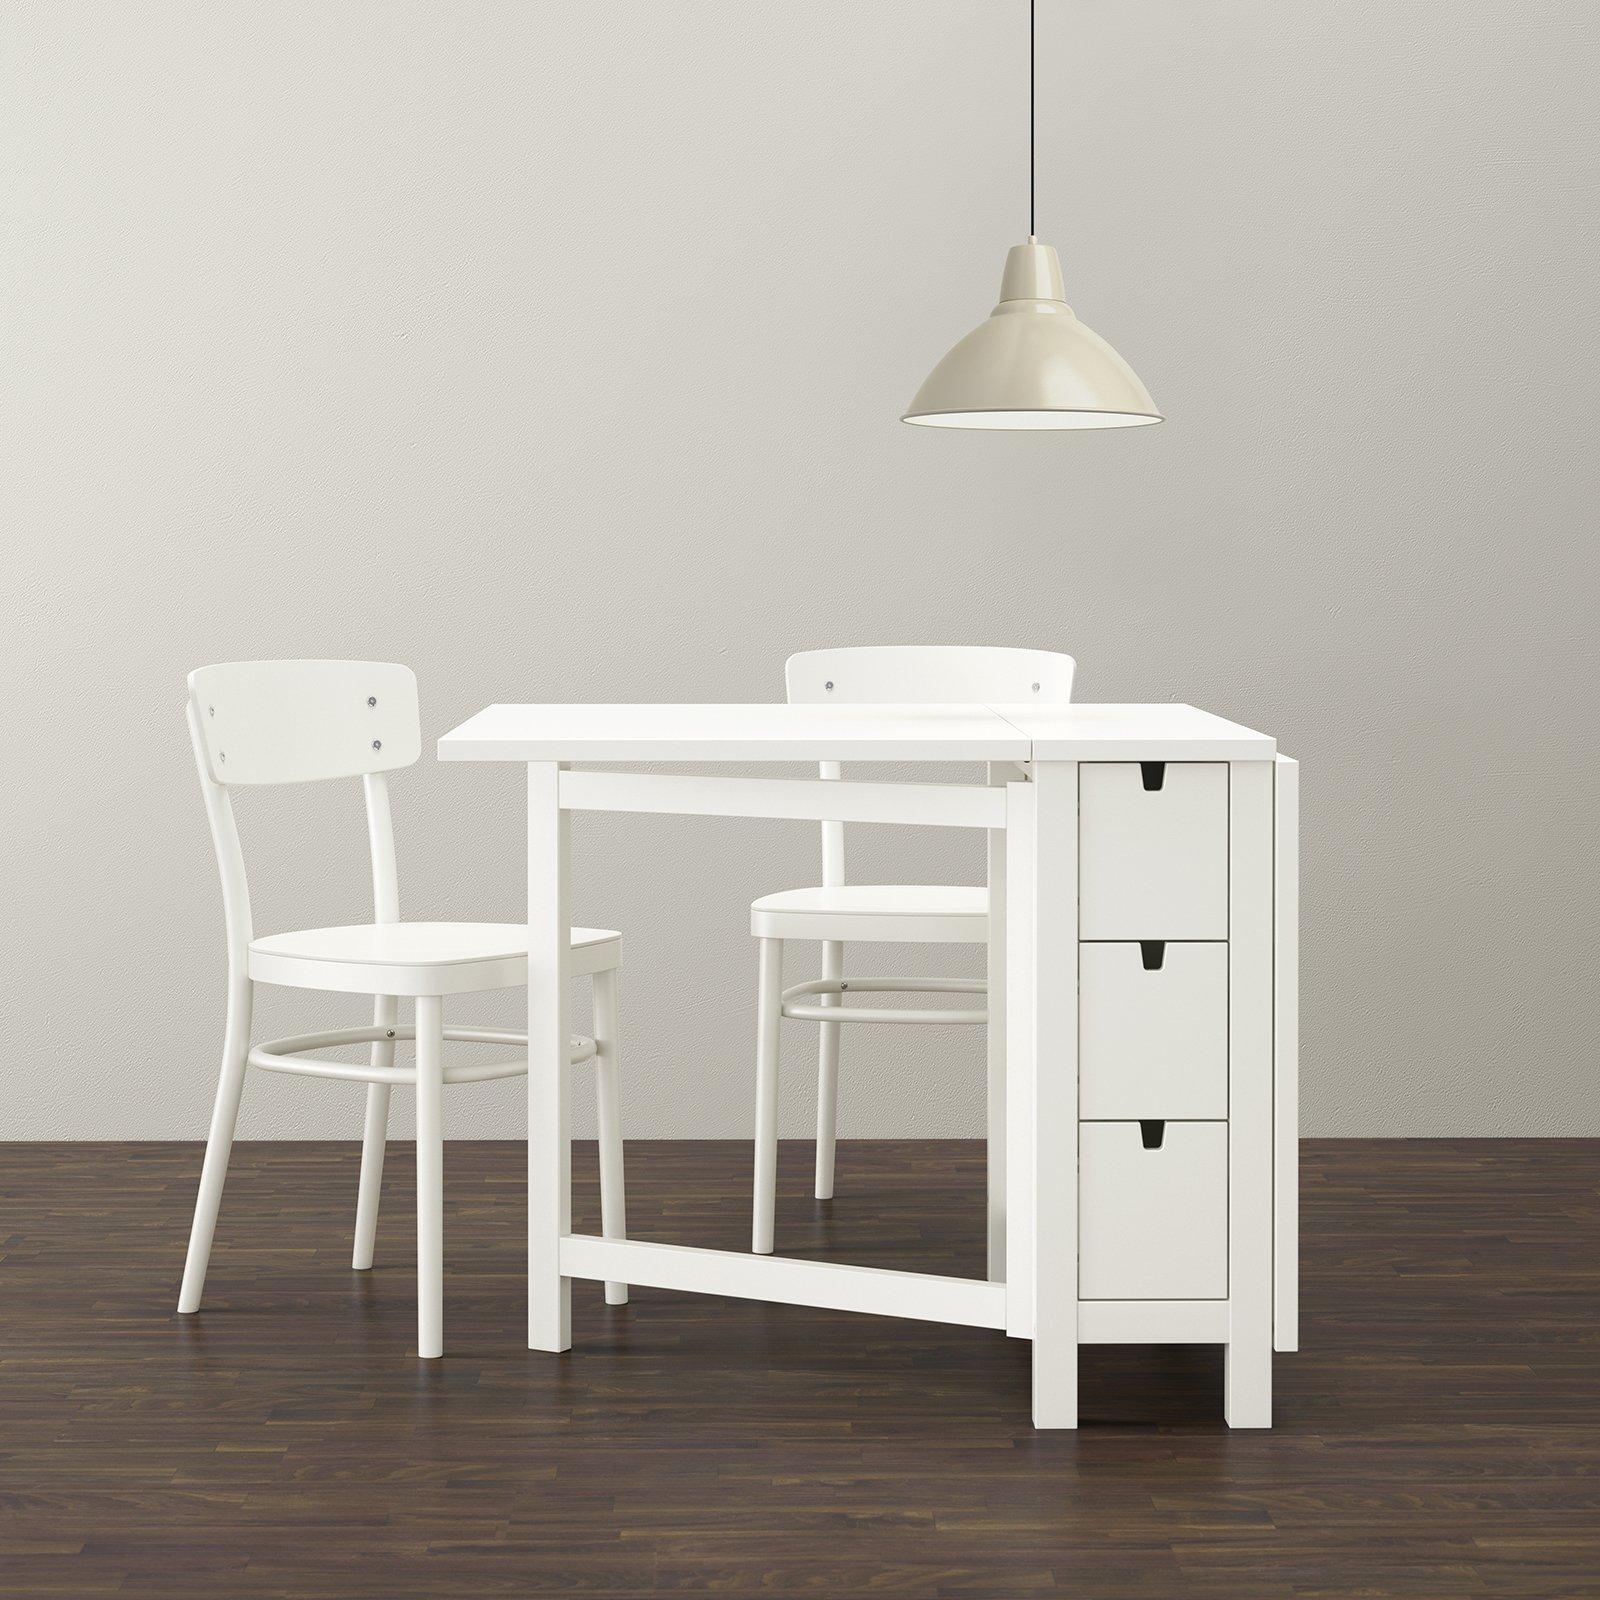 Ikea Tavolo Rotondo Bianco Allungabile.Tavoli Allungabili Trasformabili Quando Serve Cose Di Casa